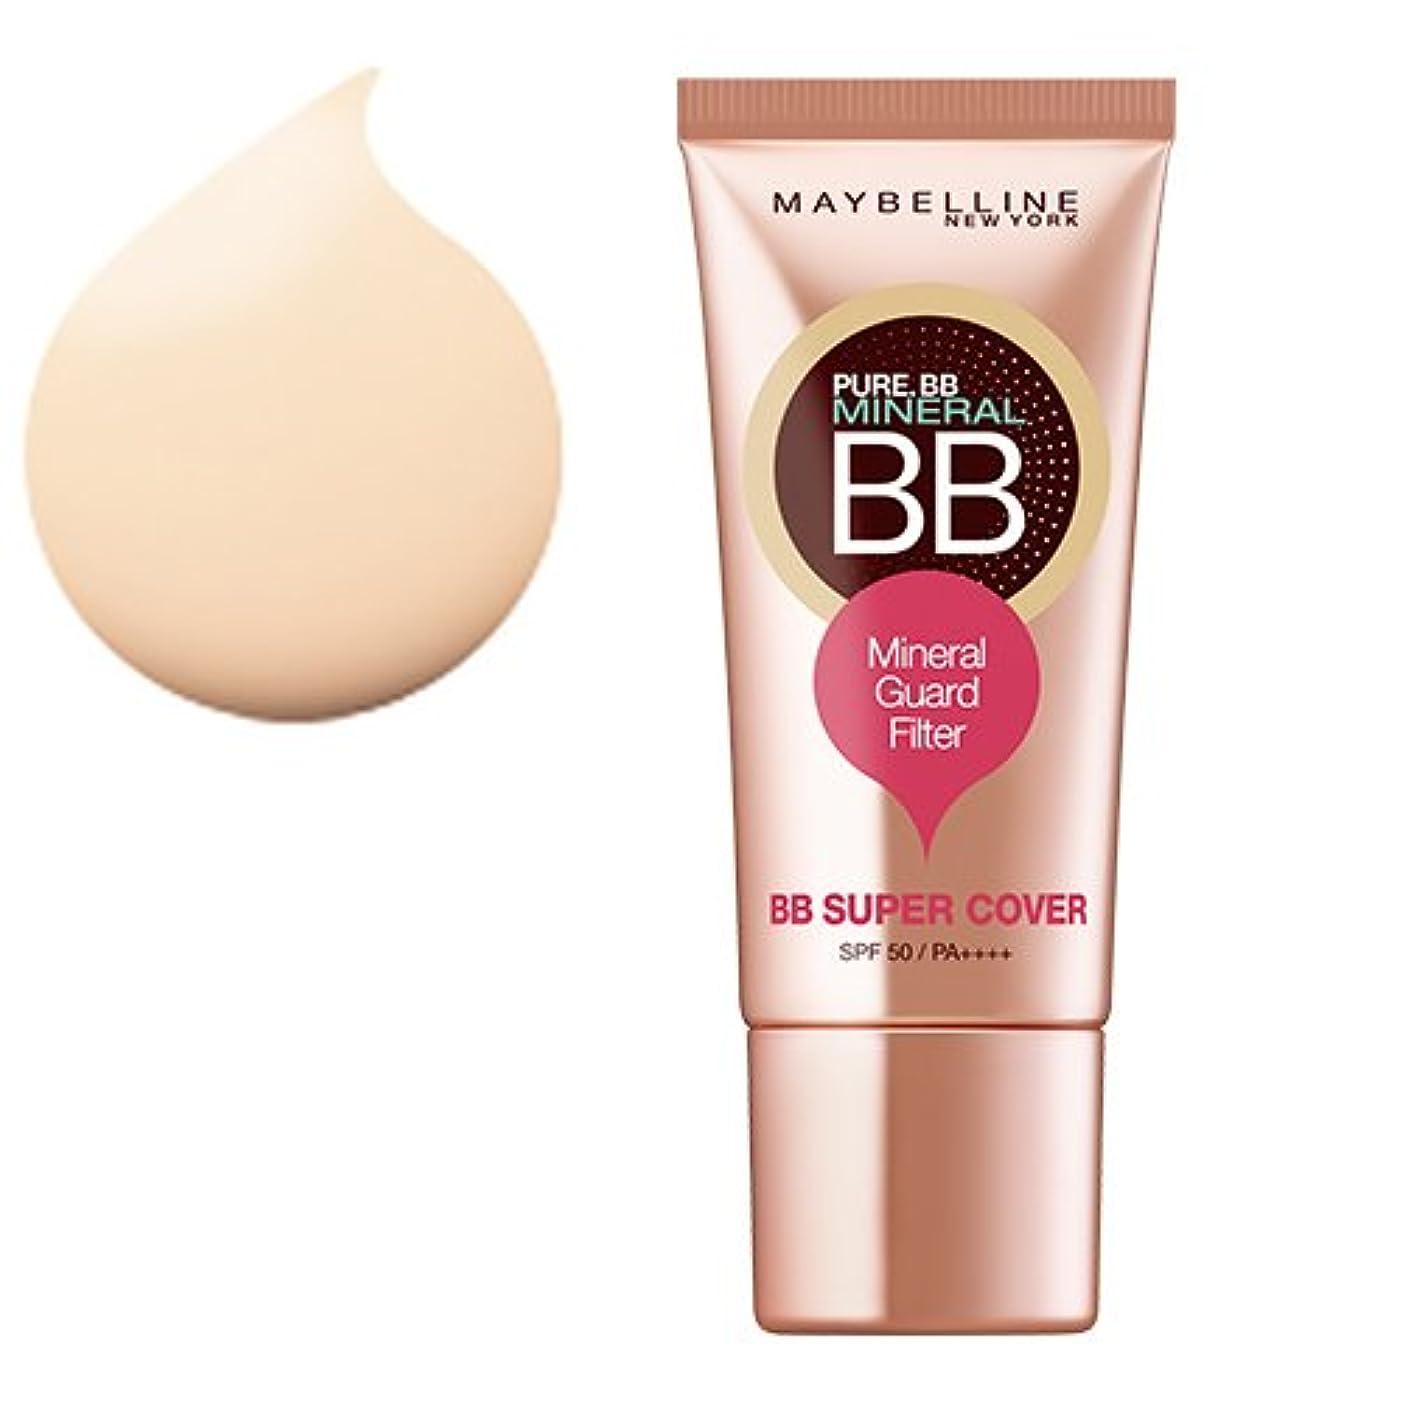 毒液ウナギ土器メイベリン BBクリーム ピュアミネラル BB SP カバー 01 ナチュラル ベージュ